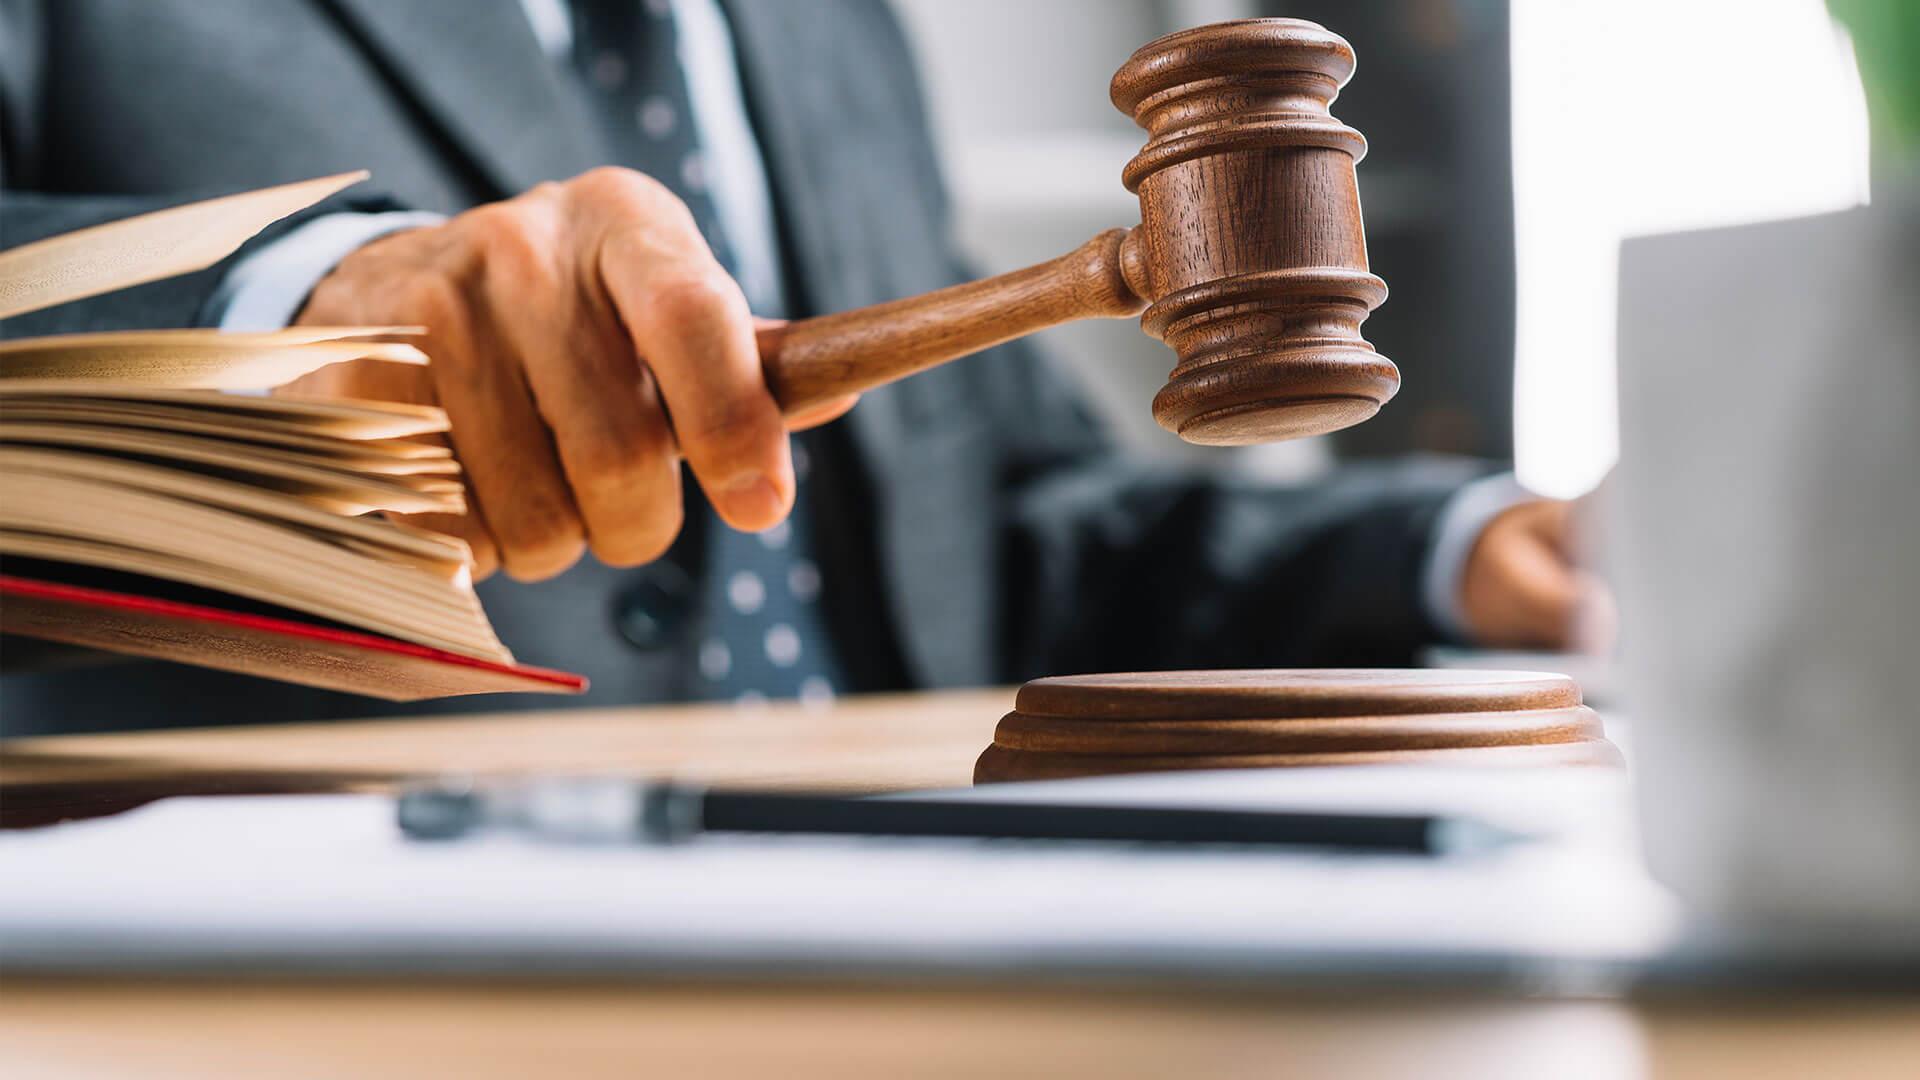 Brownsville Personal injury attorneys